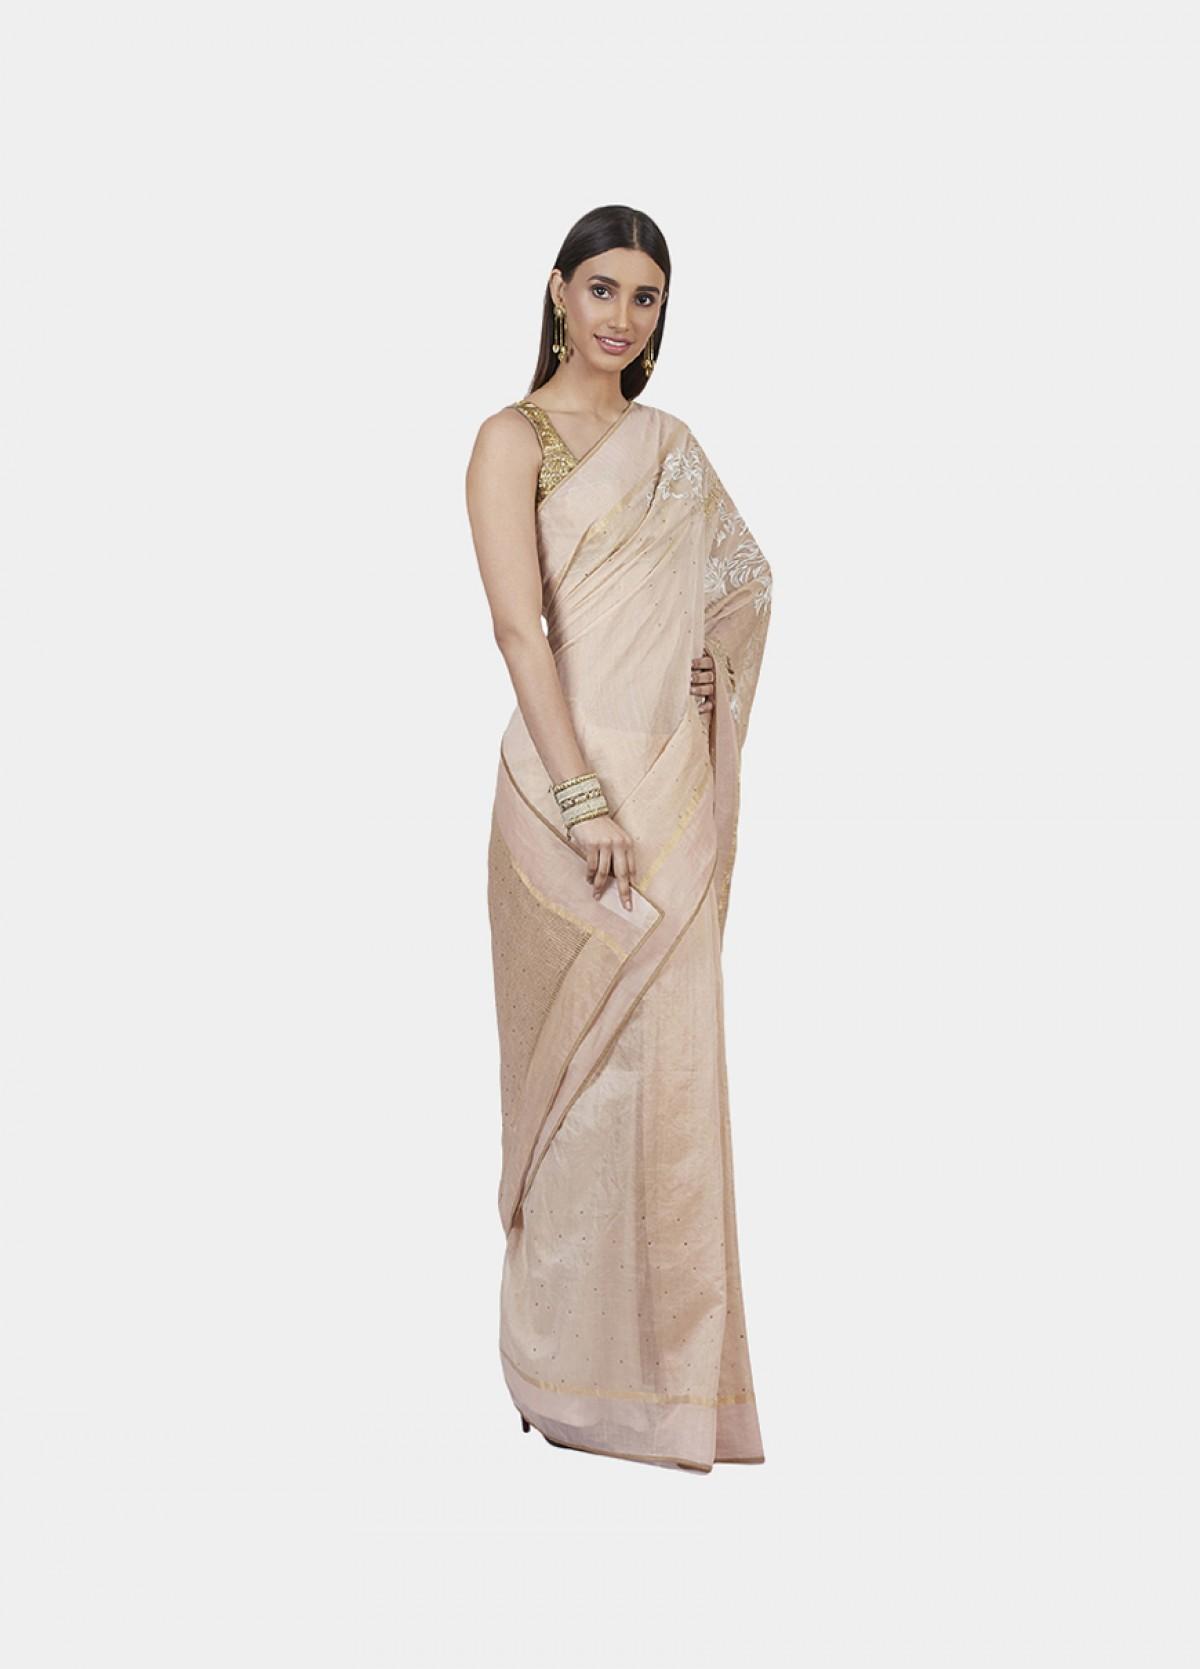 The Sadabahar Sari